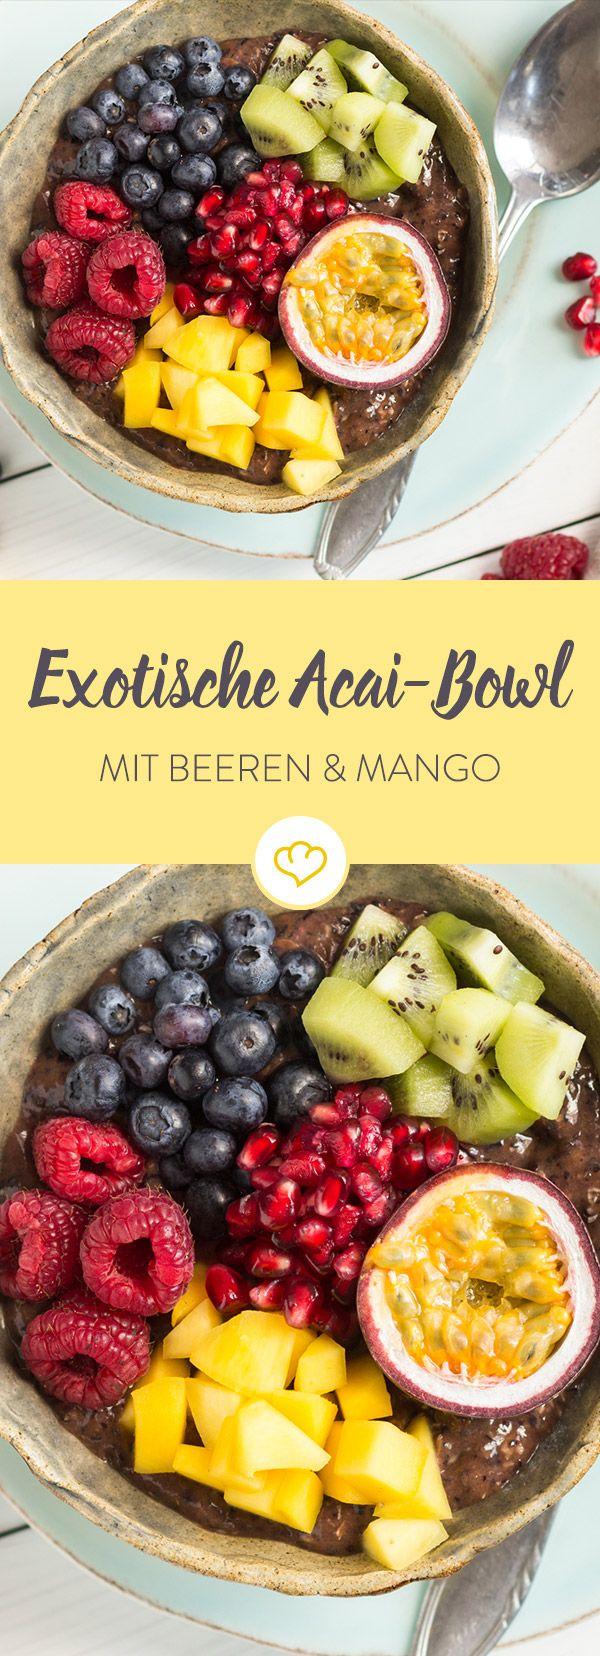 Der letzte Sommerurlaub ist schon Monate her? Dann ist diese exotische Frühstücksleckerei mit Beeren, Mango und Kiwi genau das Richtige für dich.